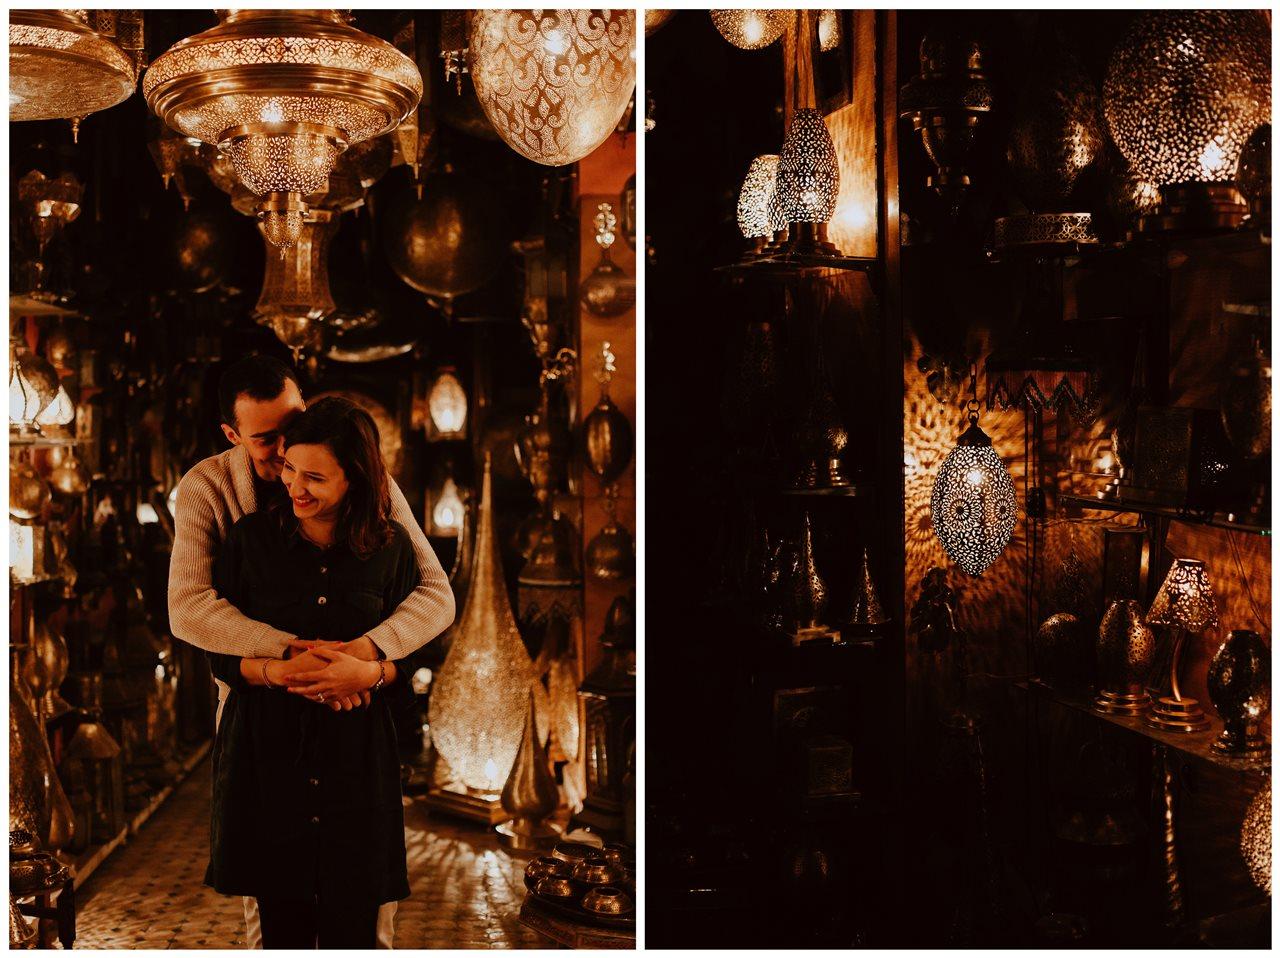 séance couple fès magasin lampe marocaine complicité rires mariés détails lampes